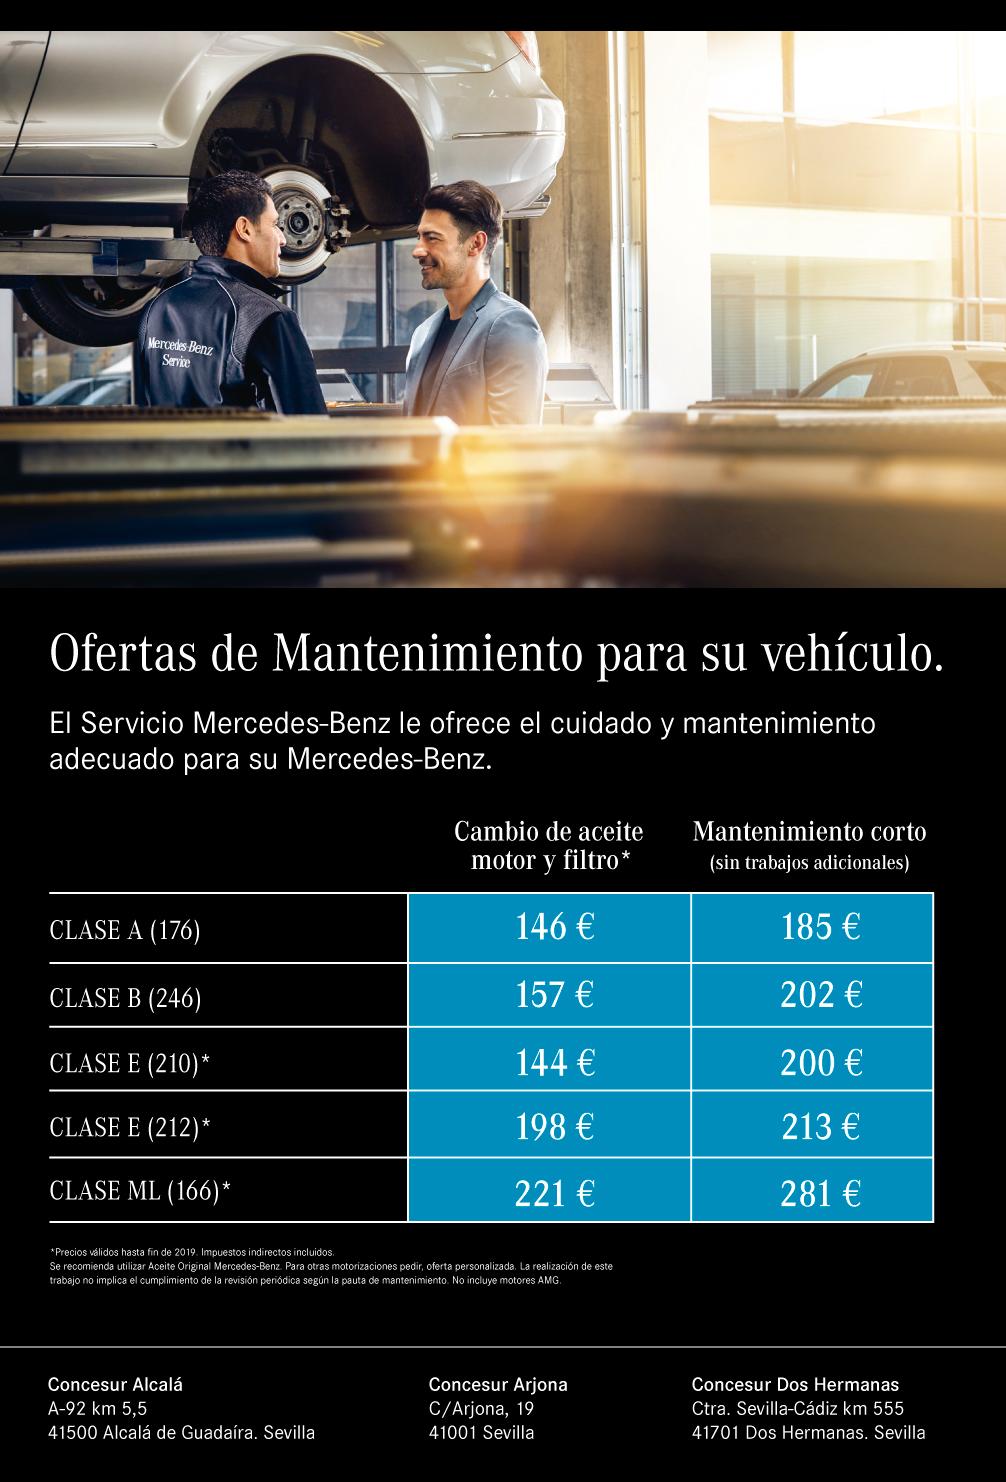 Promoción precios mantenimiento turismos Concesur y Fervial Mercedes-Benz Sevilla